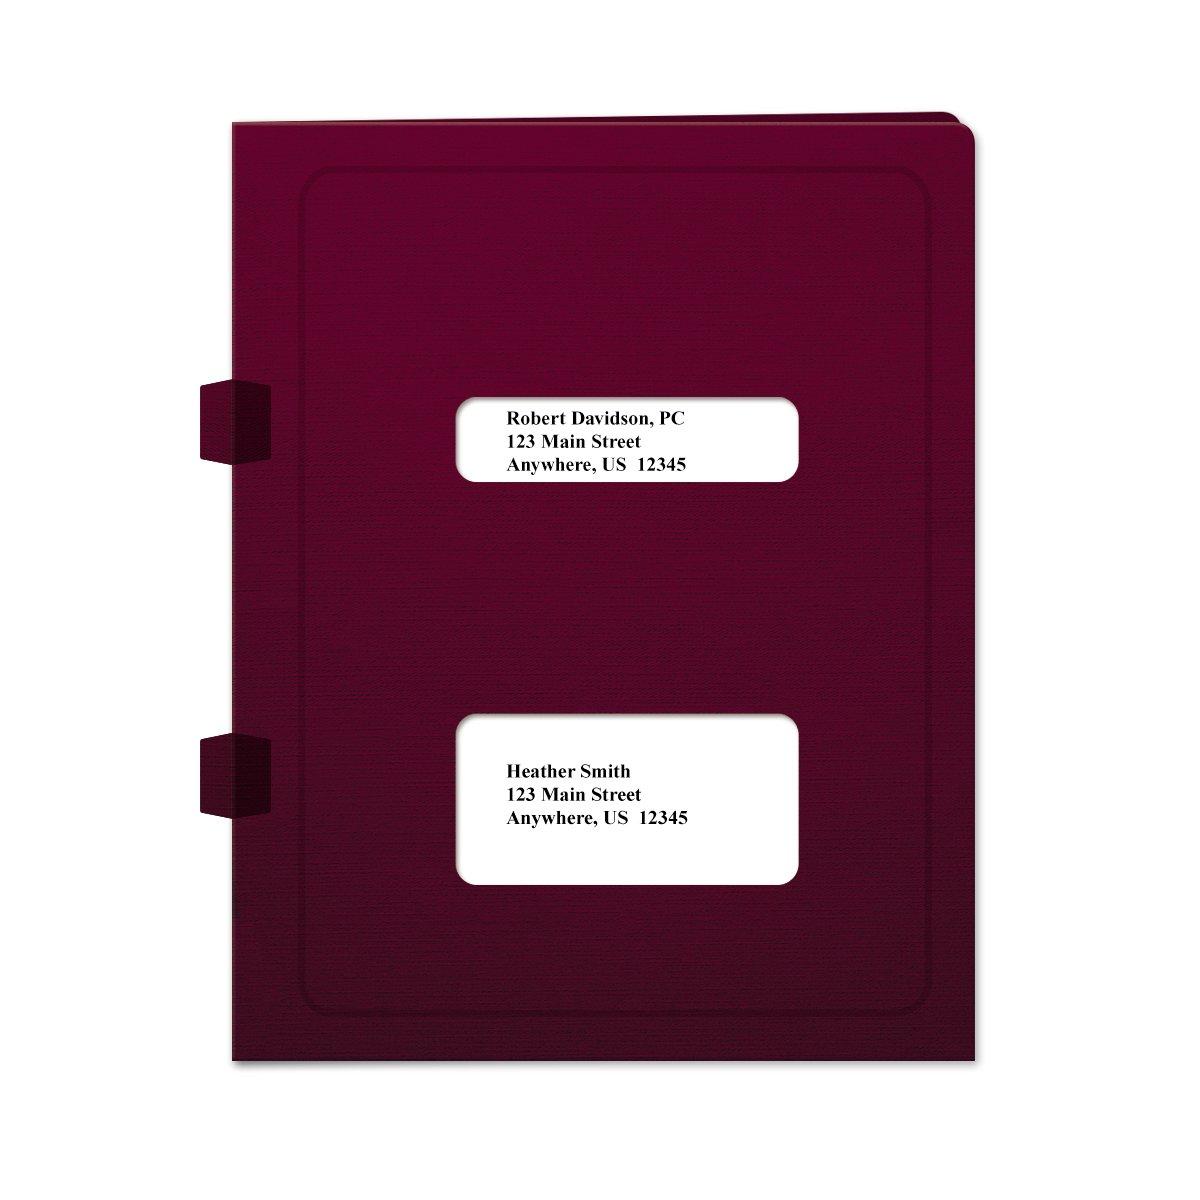 Window Tax Return Software Folder - Side-Tabbed Maroon - 50 Pack